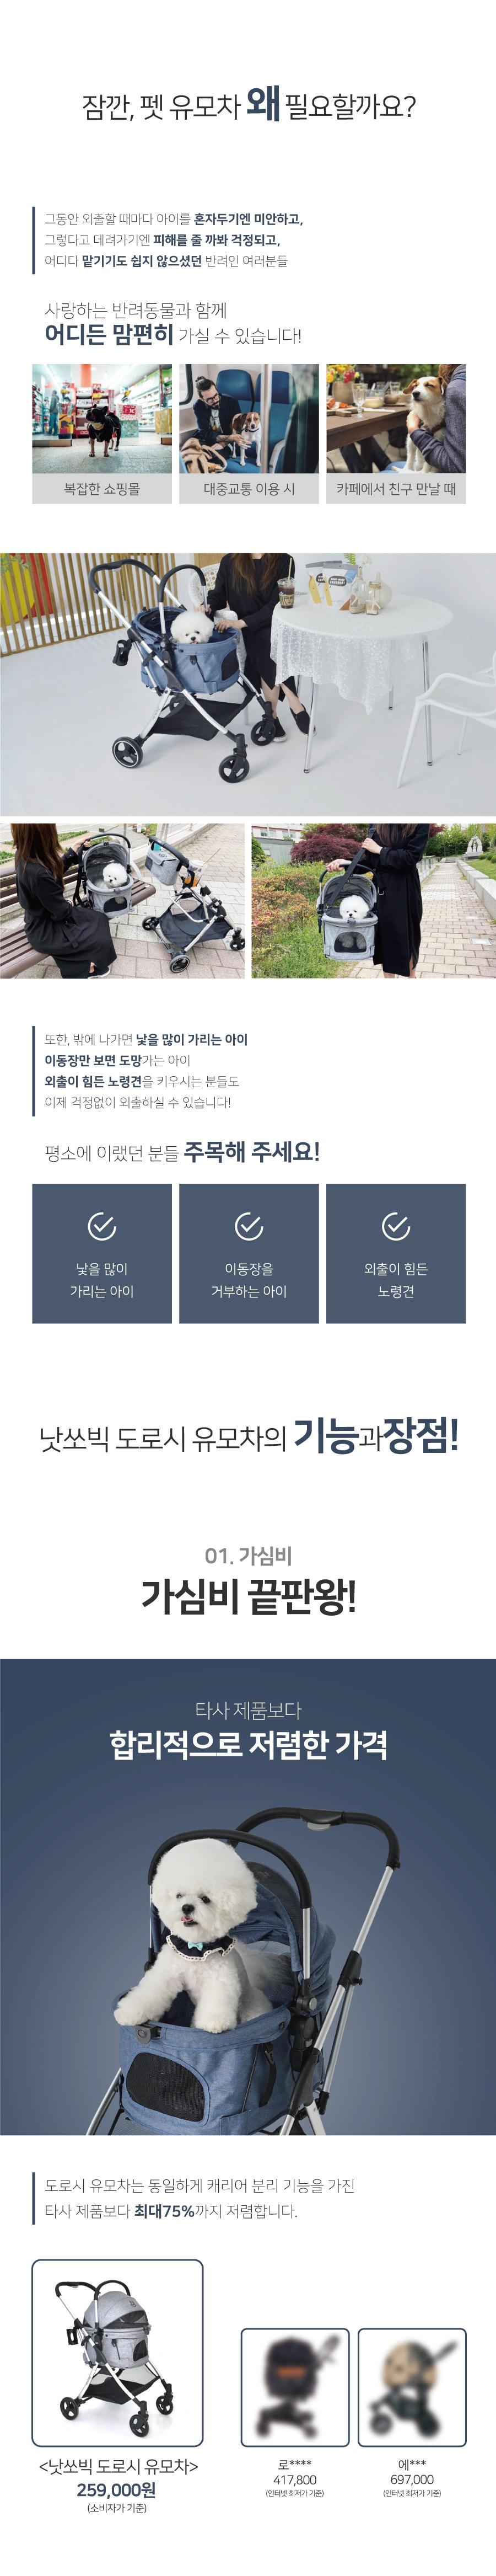 낫쏘빅 도로시 유모차 (펠리스그레이/캐니스블루)-상품이미지-1